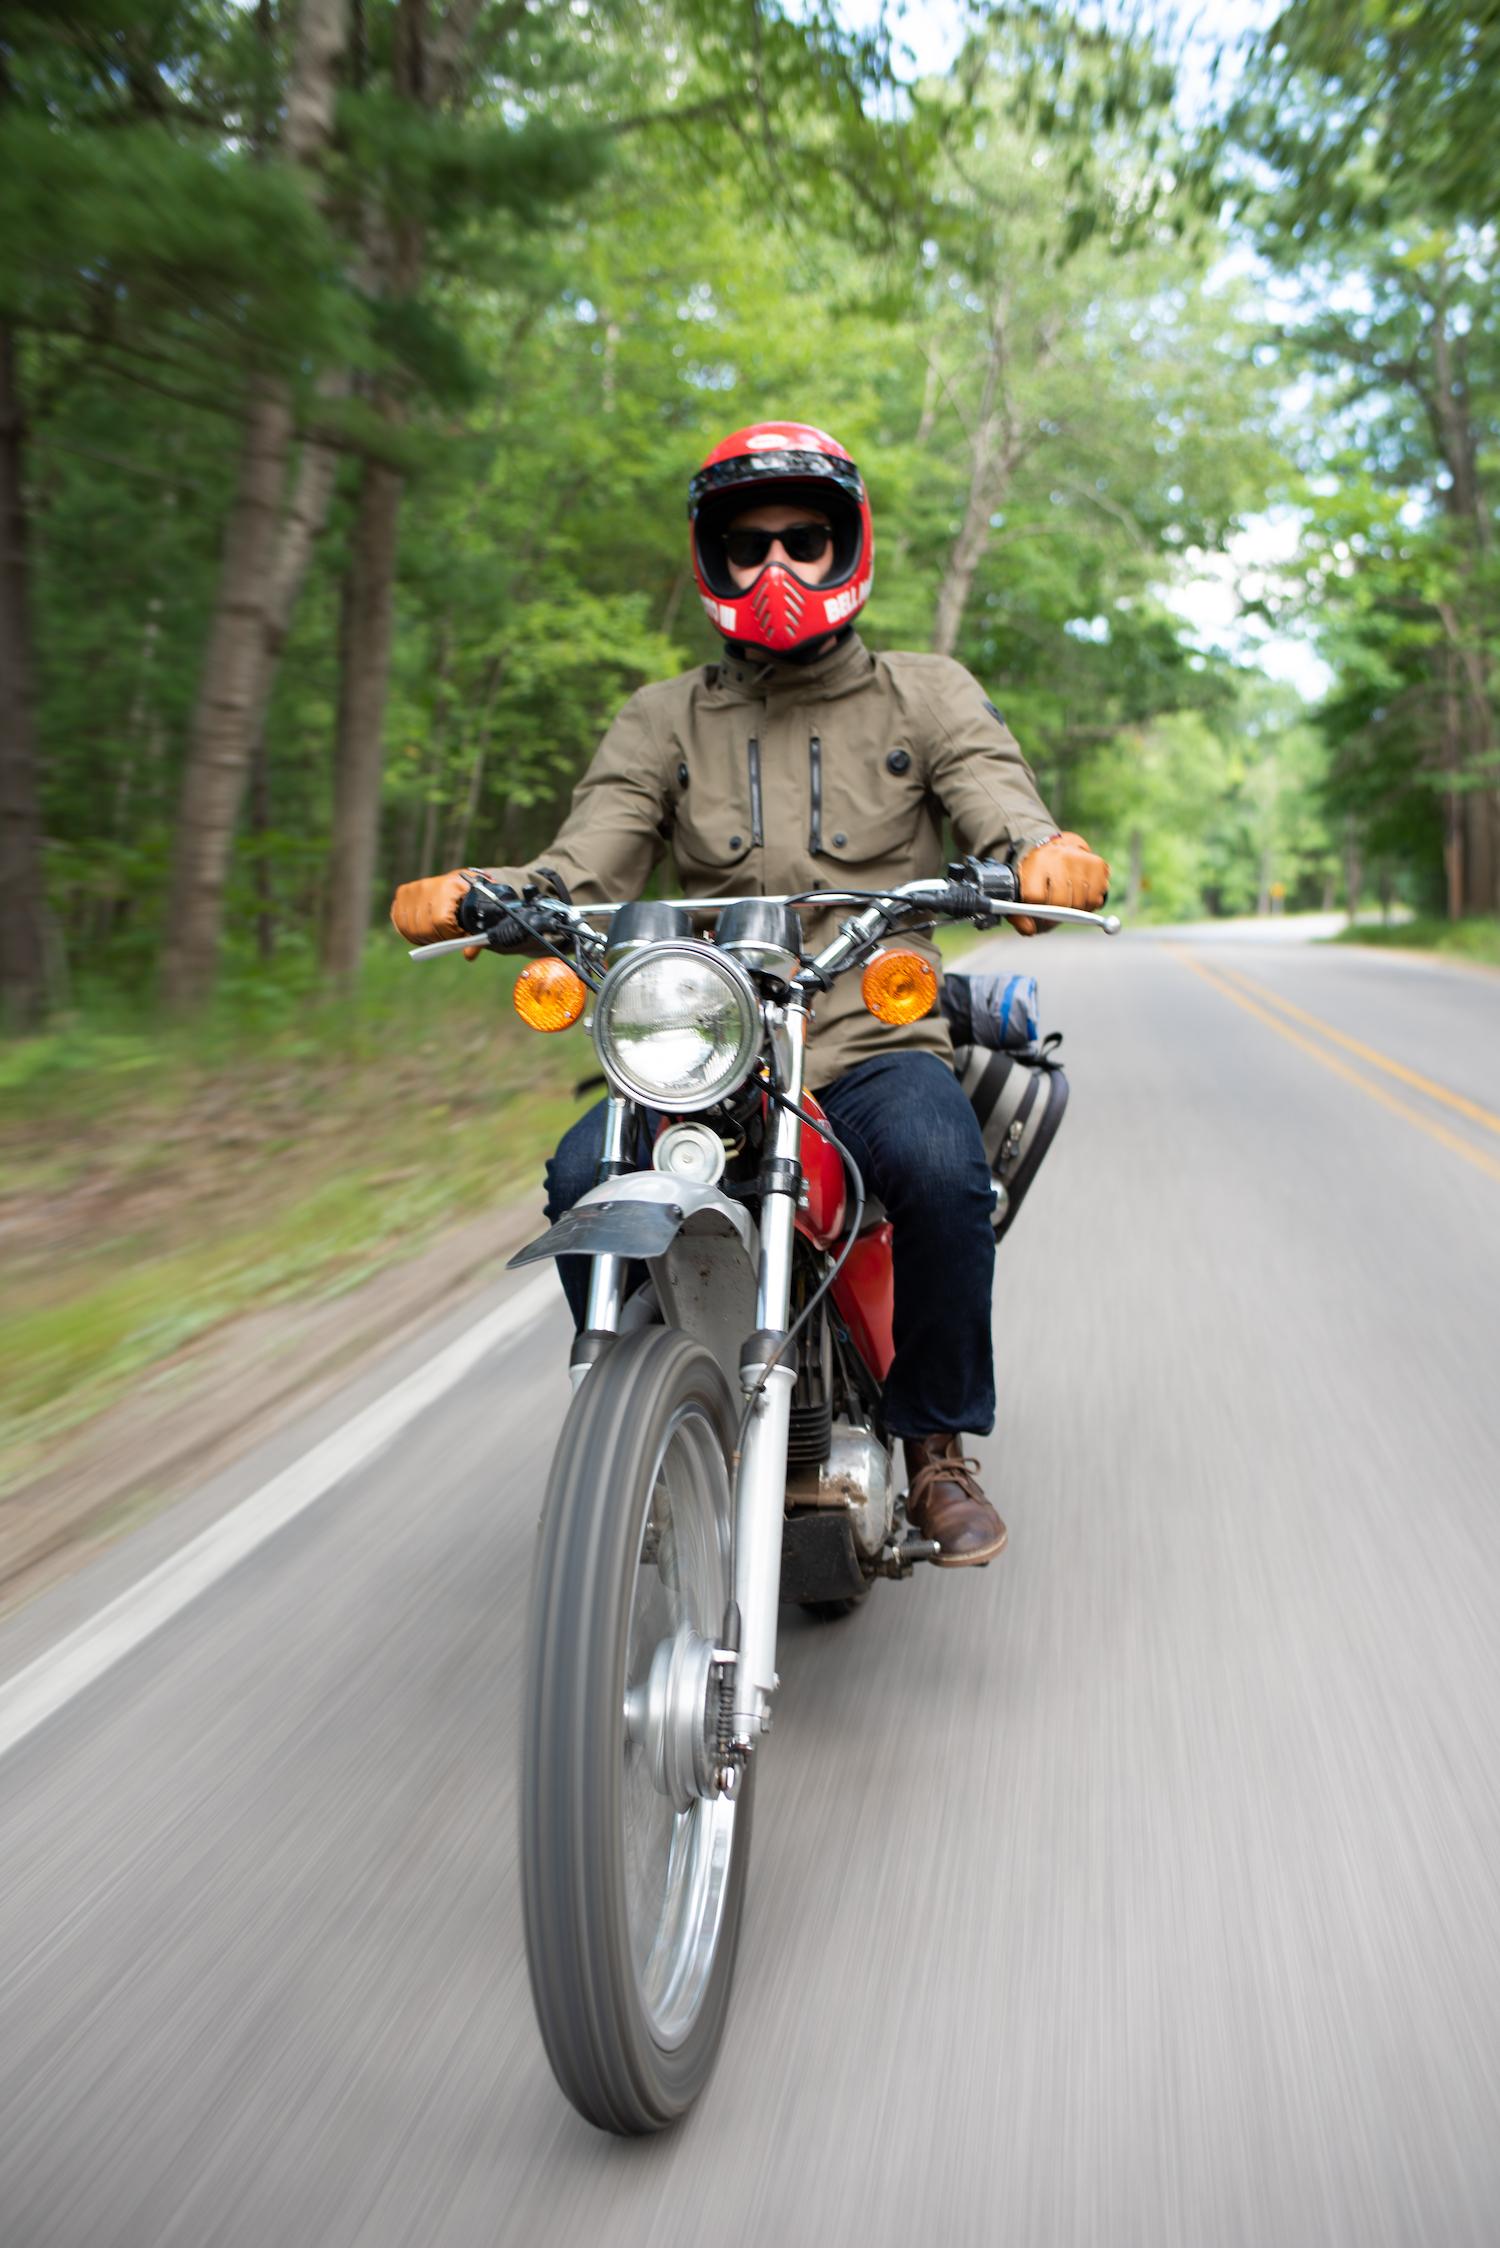 vintage kawasaki motorcycle rider